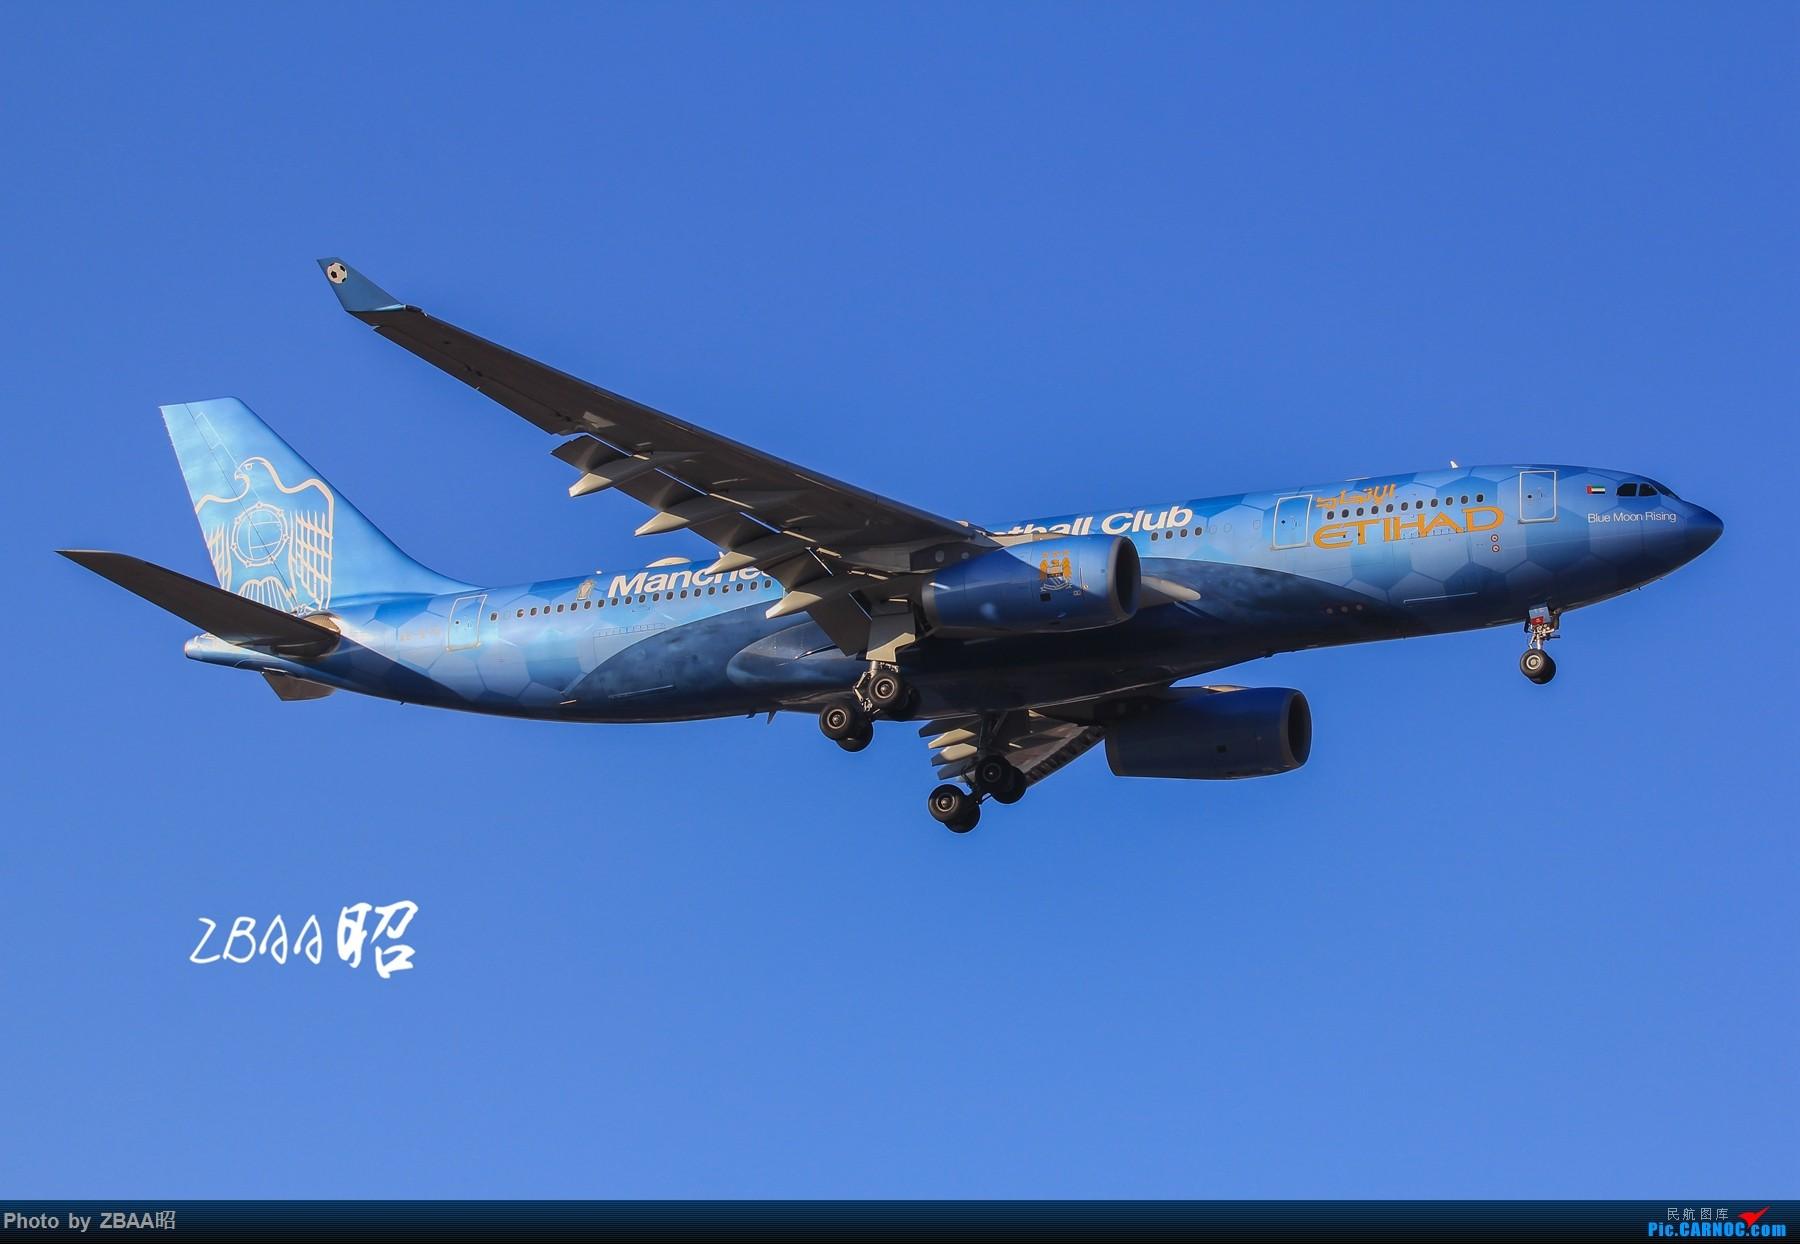 Re:[原创]迟到贴 芬兰航空ow,阿提哈德蓝月亮,接他们来送他们走 AIRBUS A330-200 A6-EYE 中国北京首都国际机场